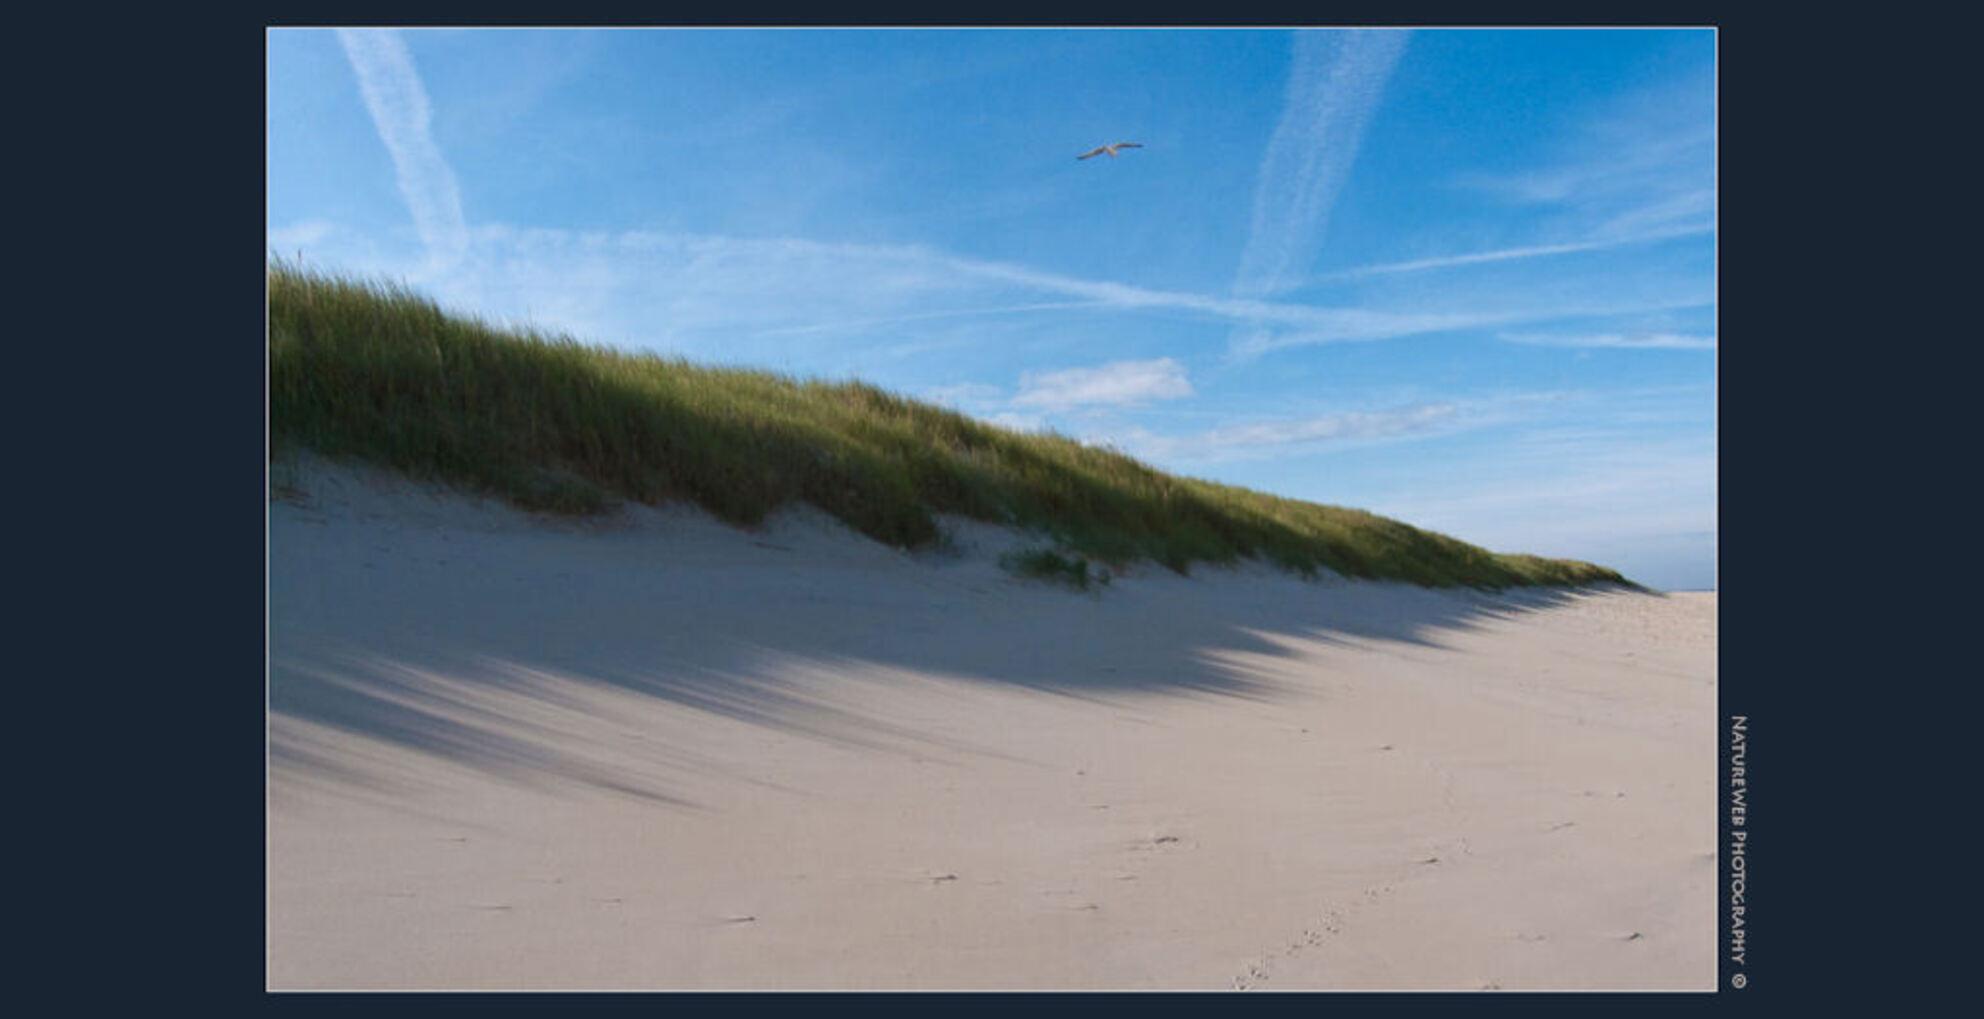 De duinen van Texel - Deze duinenrij liet met een vroege zon een mooie schaduwwerking zien. Te mooi om door te lopen. - foto door keeseos op 09-07-2009 - deze foto bevat: strand, schaduw, duinen, texel, zand, keeseos, duinenrij - Deze foto mag gebruikt worden in een Zoom.nl publicatie